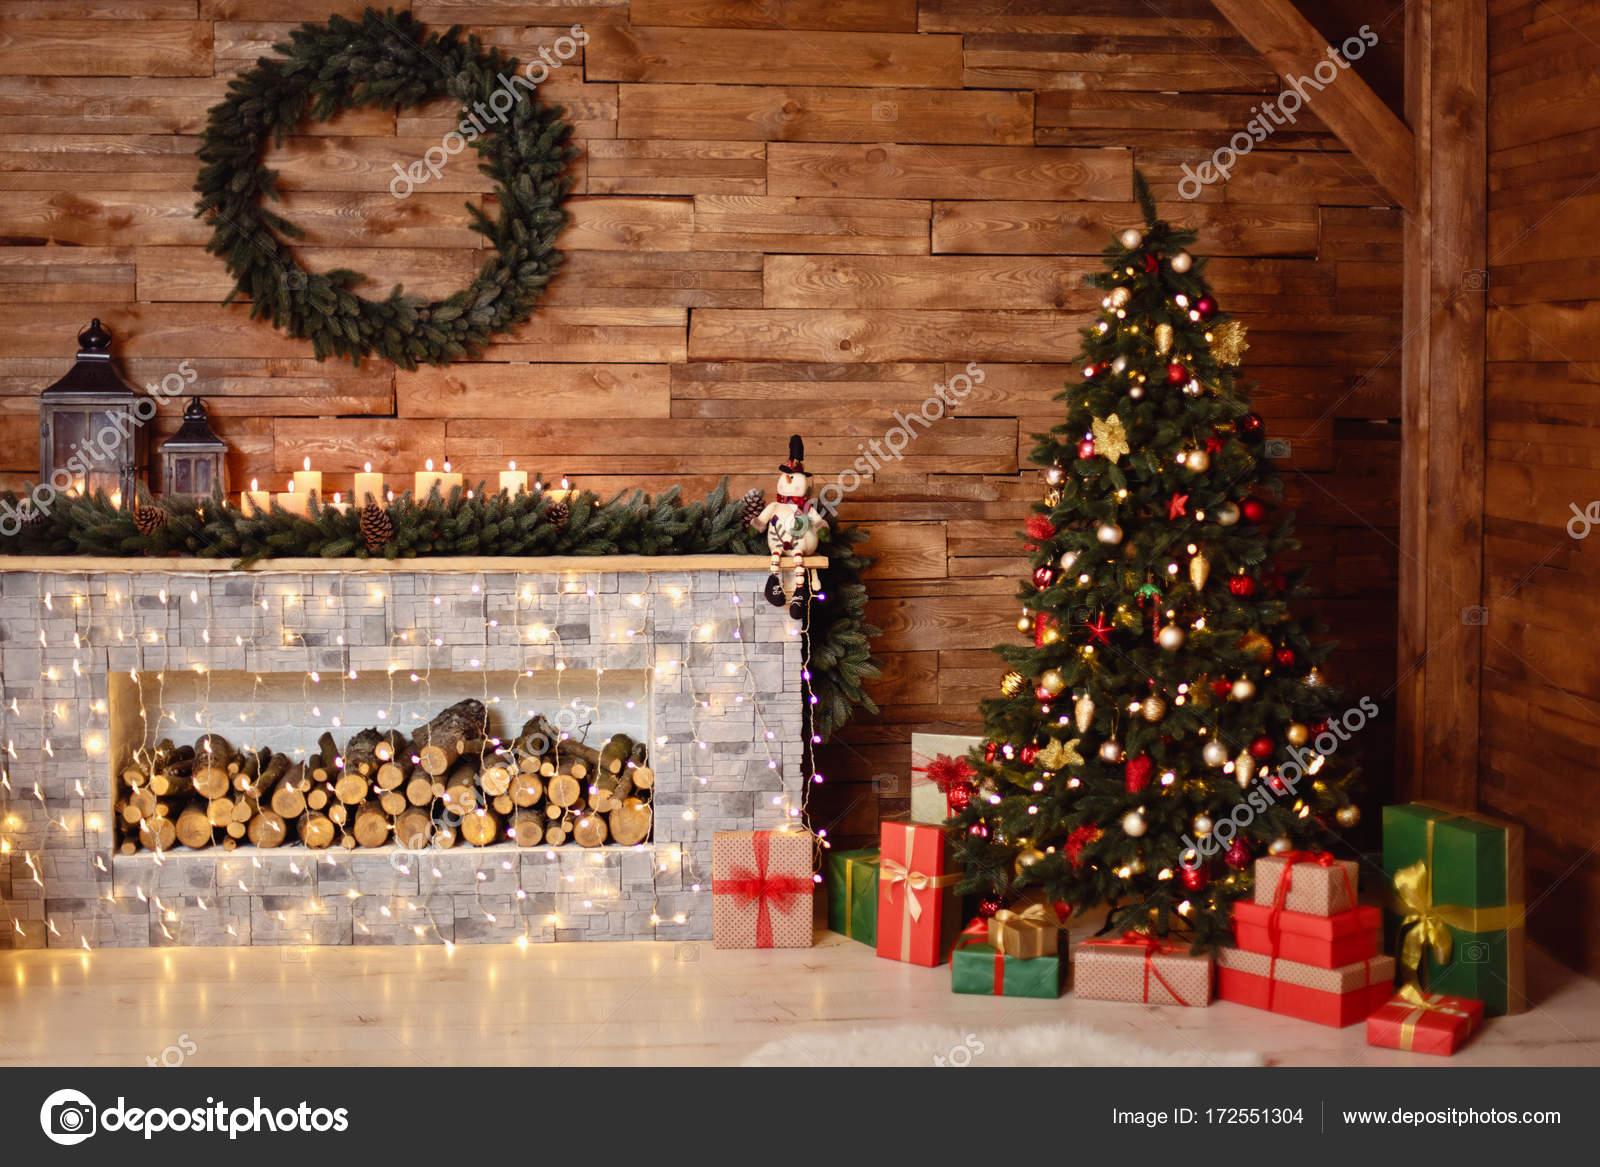 Foto des Interieurs der Zimmer mit einer Holzwand, Kranz und Girlanden,  Weihnachtsbaum, Kamin mit Brennholz. Weihnachtliche Atmosphäre.